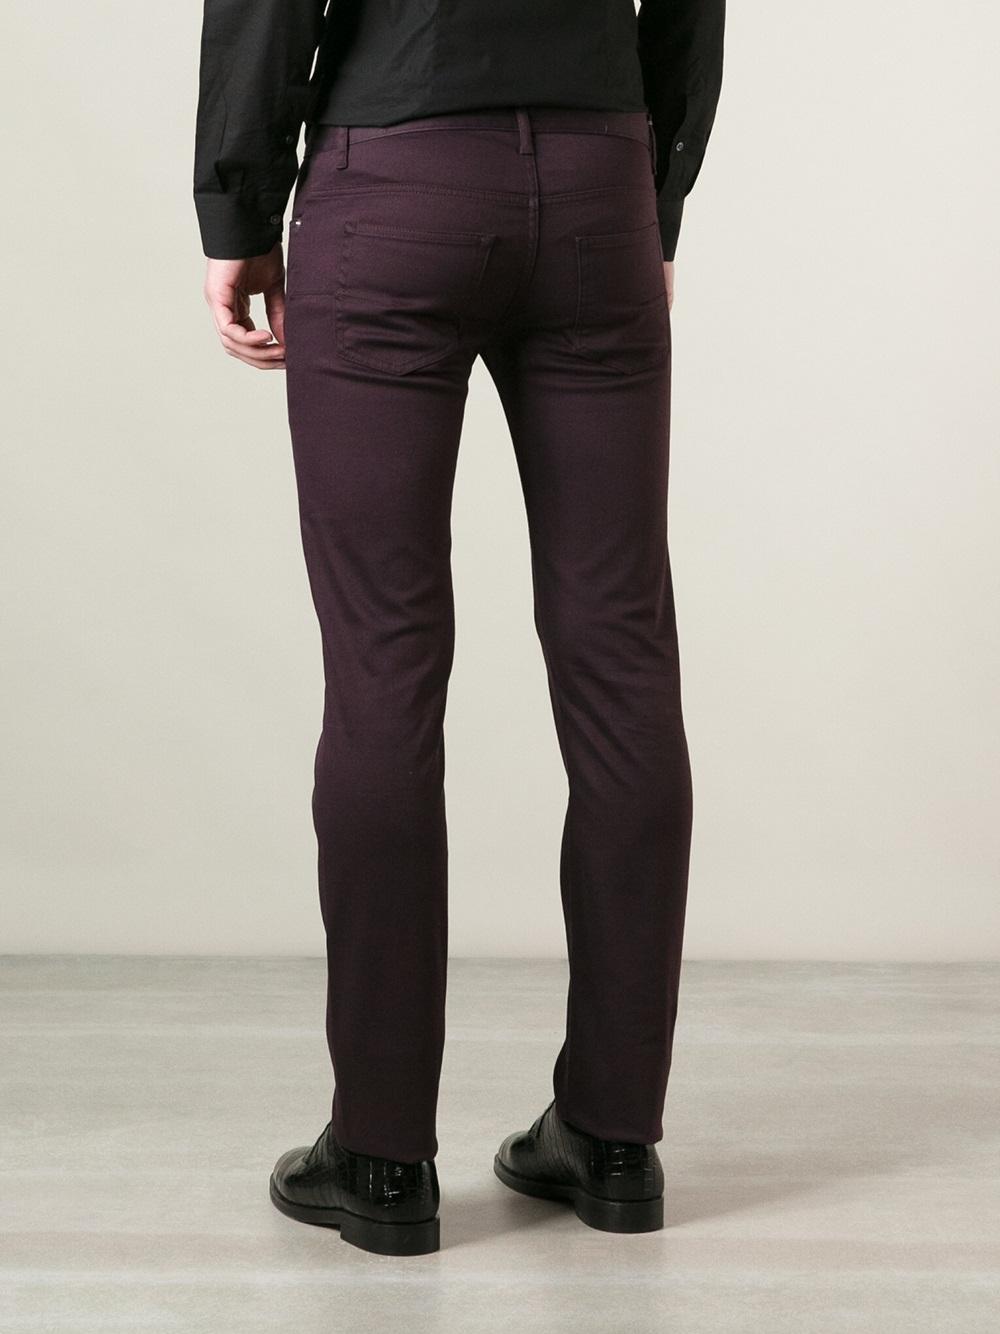 dior homme slim jean in purple for men pink purple lyst. Black Bedroom Furniture Sets. Home Design Ideas